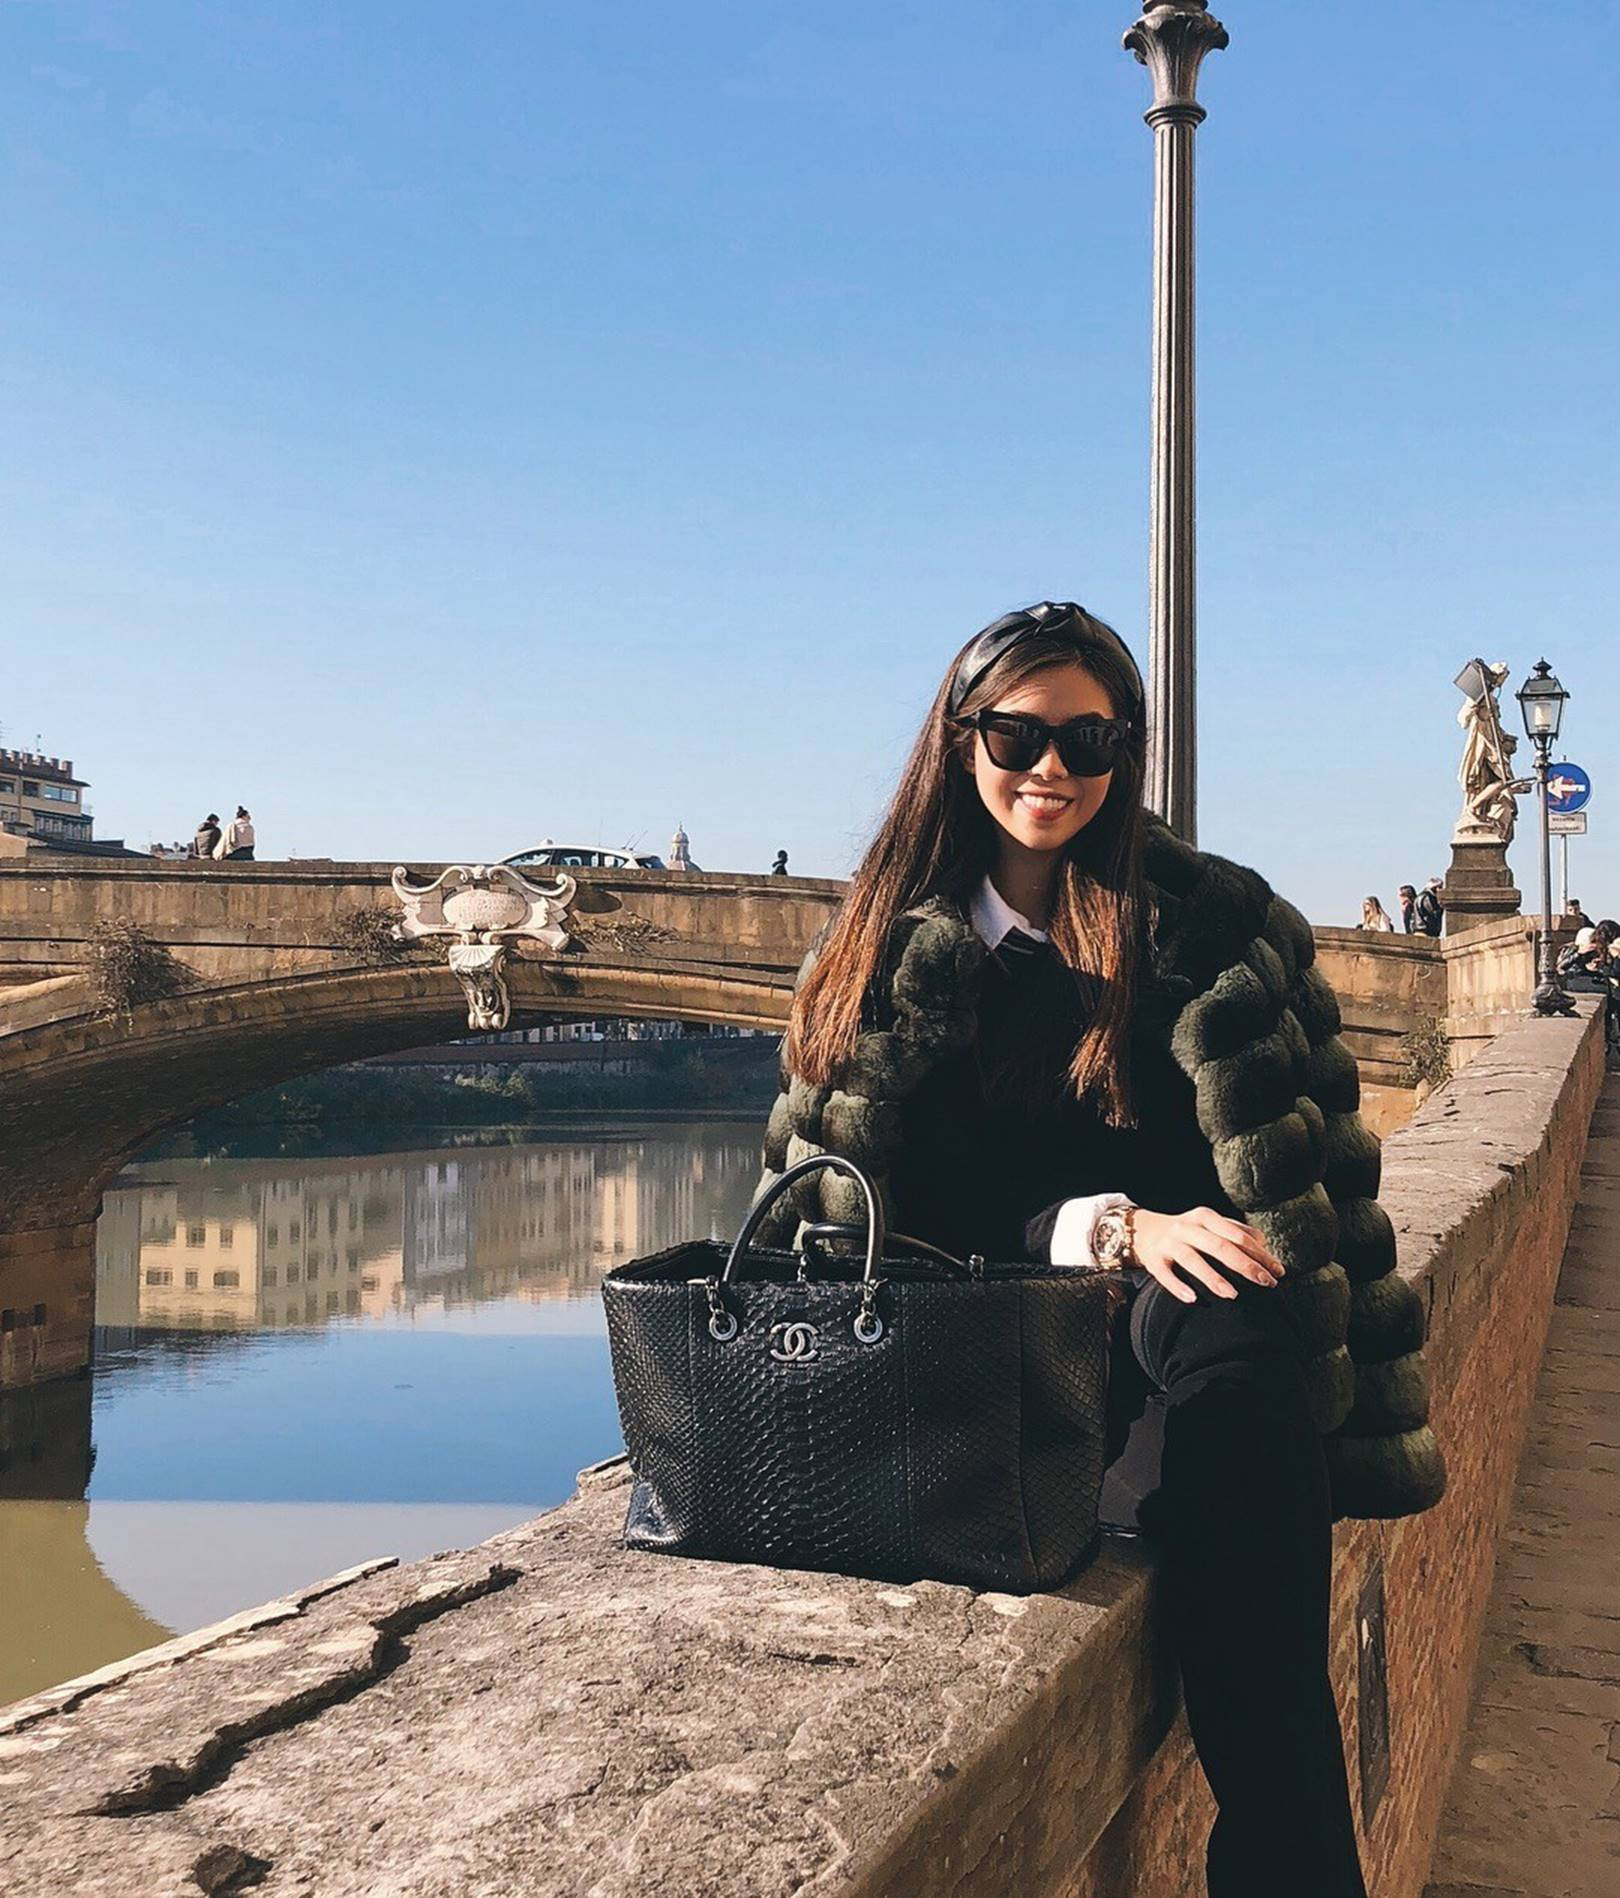 3 ái nữ cành vàng lá ngọc nhà đại gia Việt: Thay đồ hiệu như thay áo, xách túi hiệu như xách giỏ đi chợ mỗi ngày-9